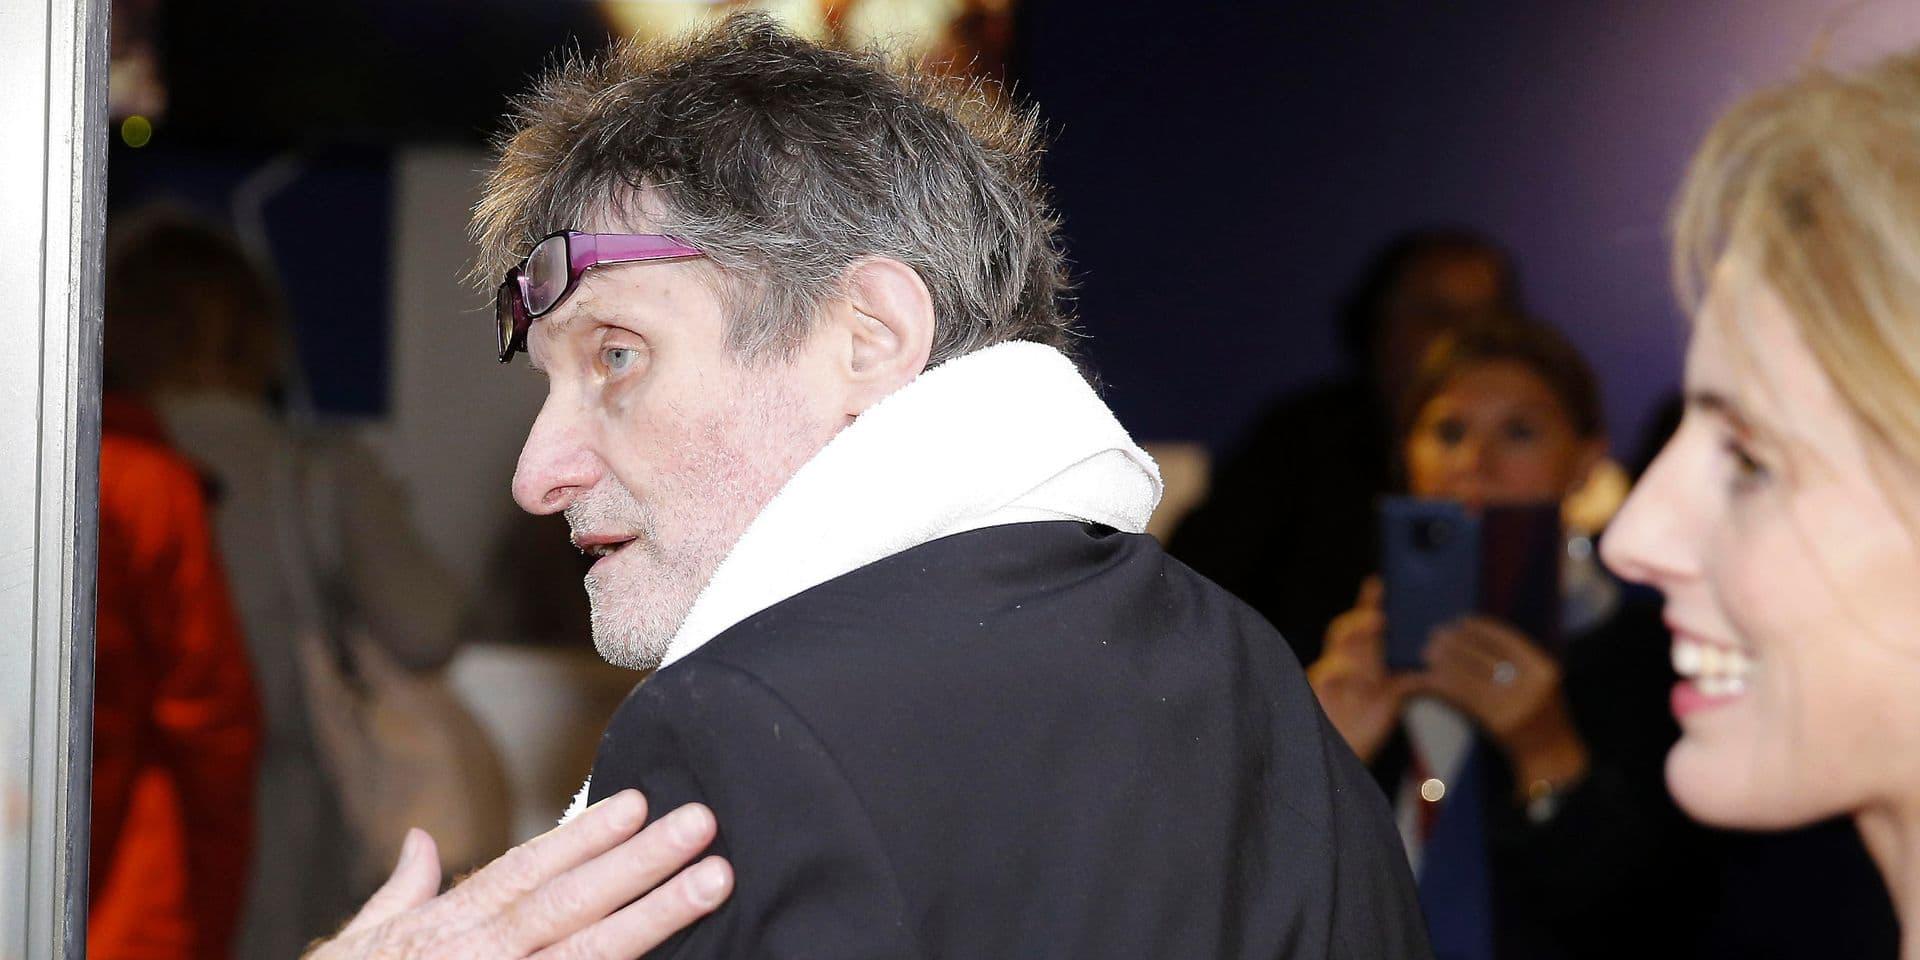 Le réalisateur belge Robbe De Hert est décédé